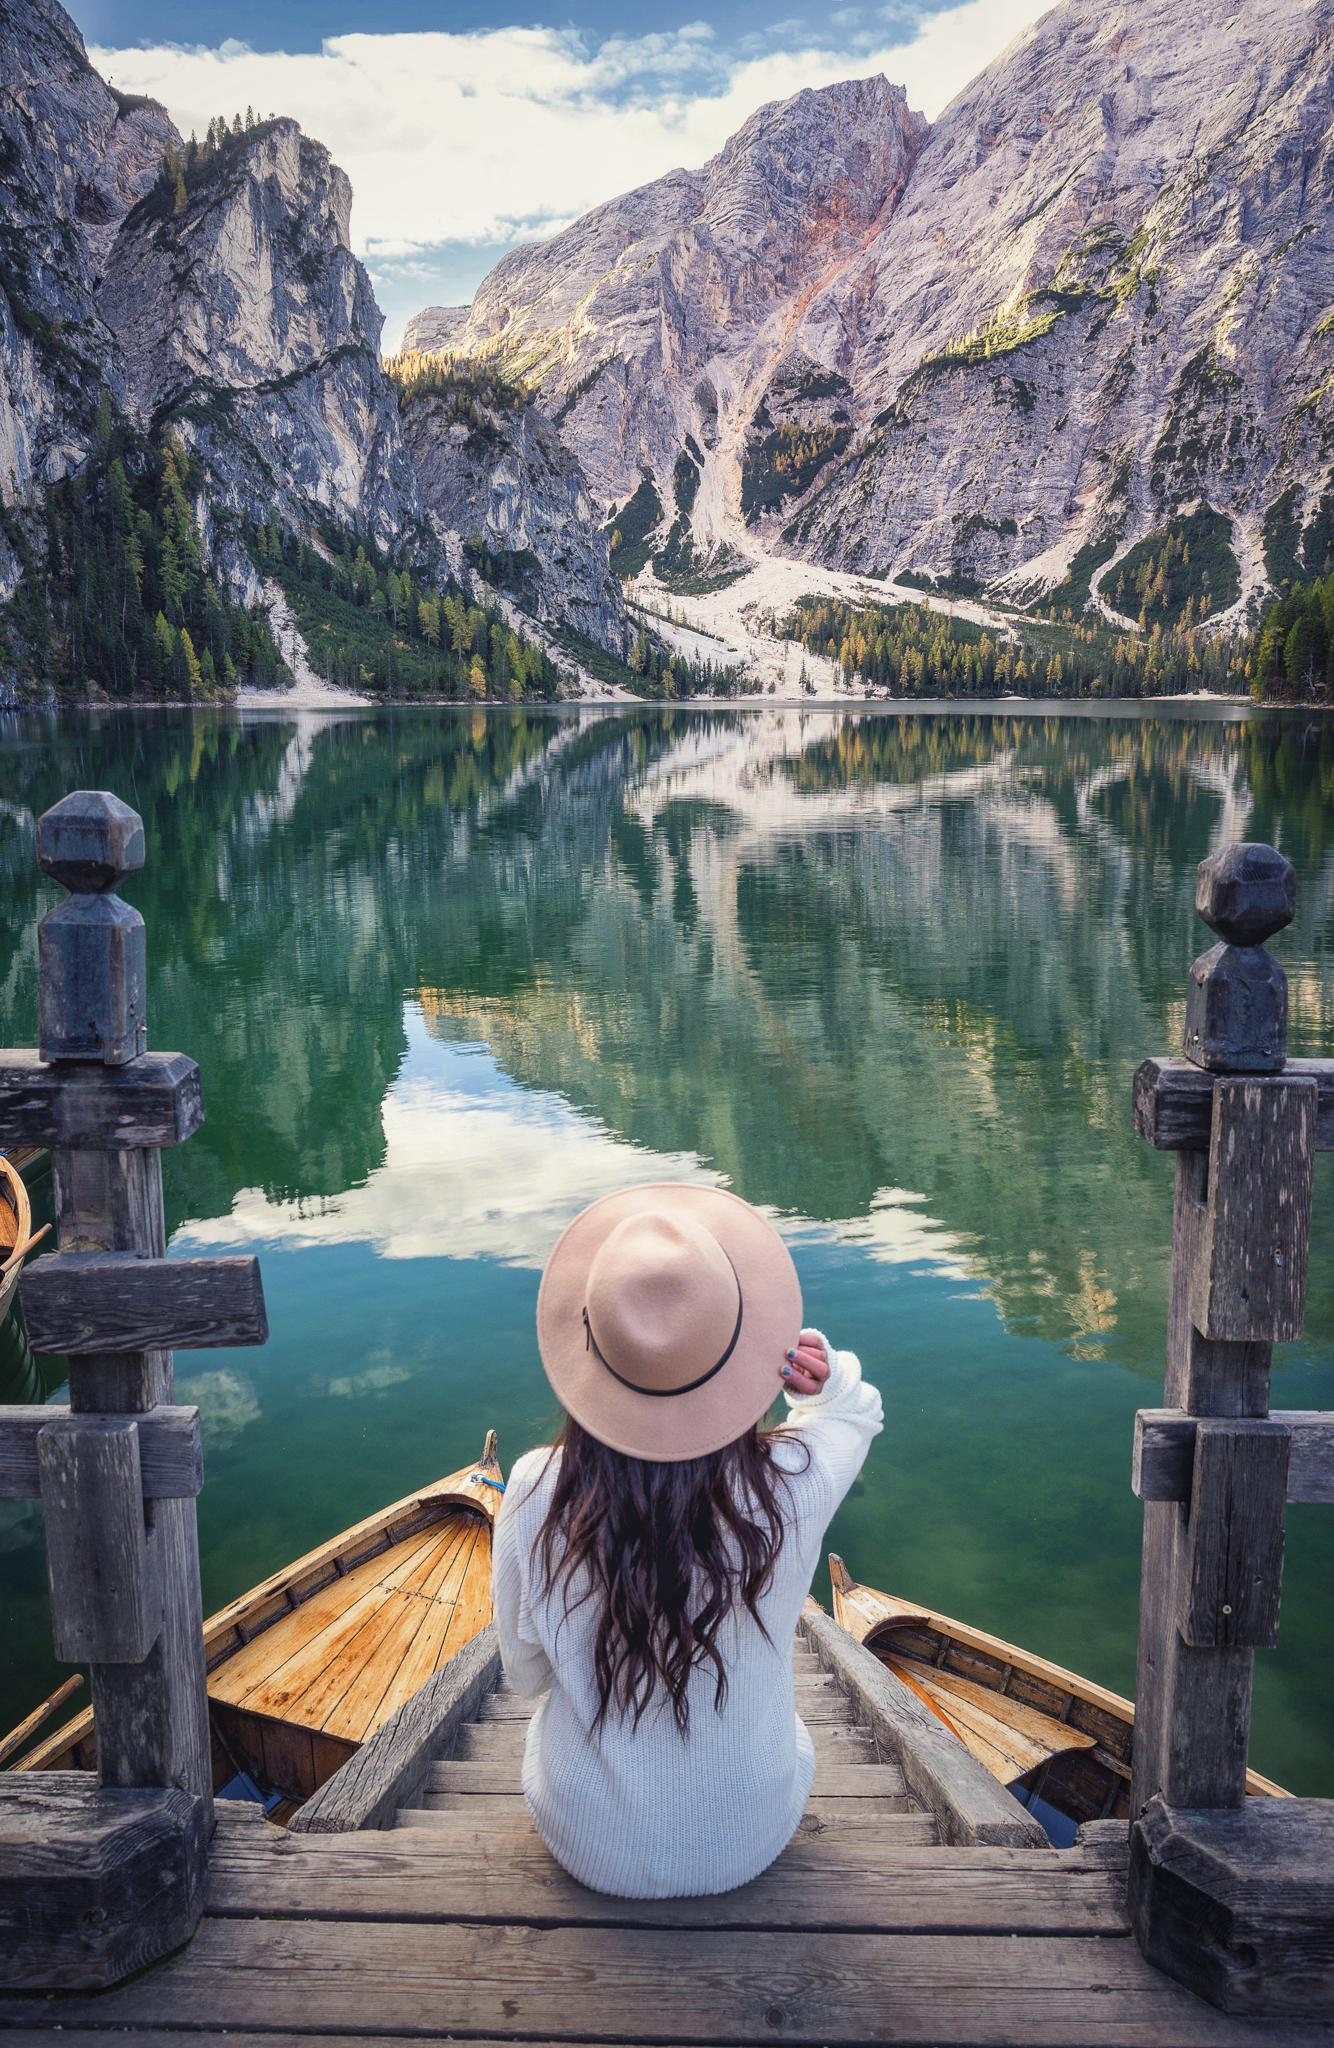 Lakeside - Dolomites 2018